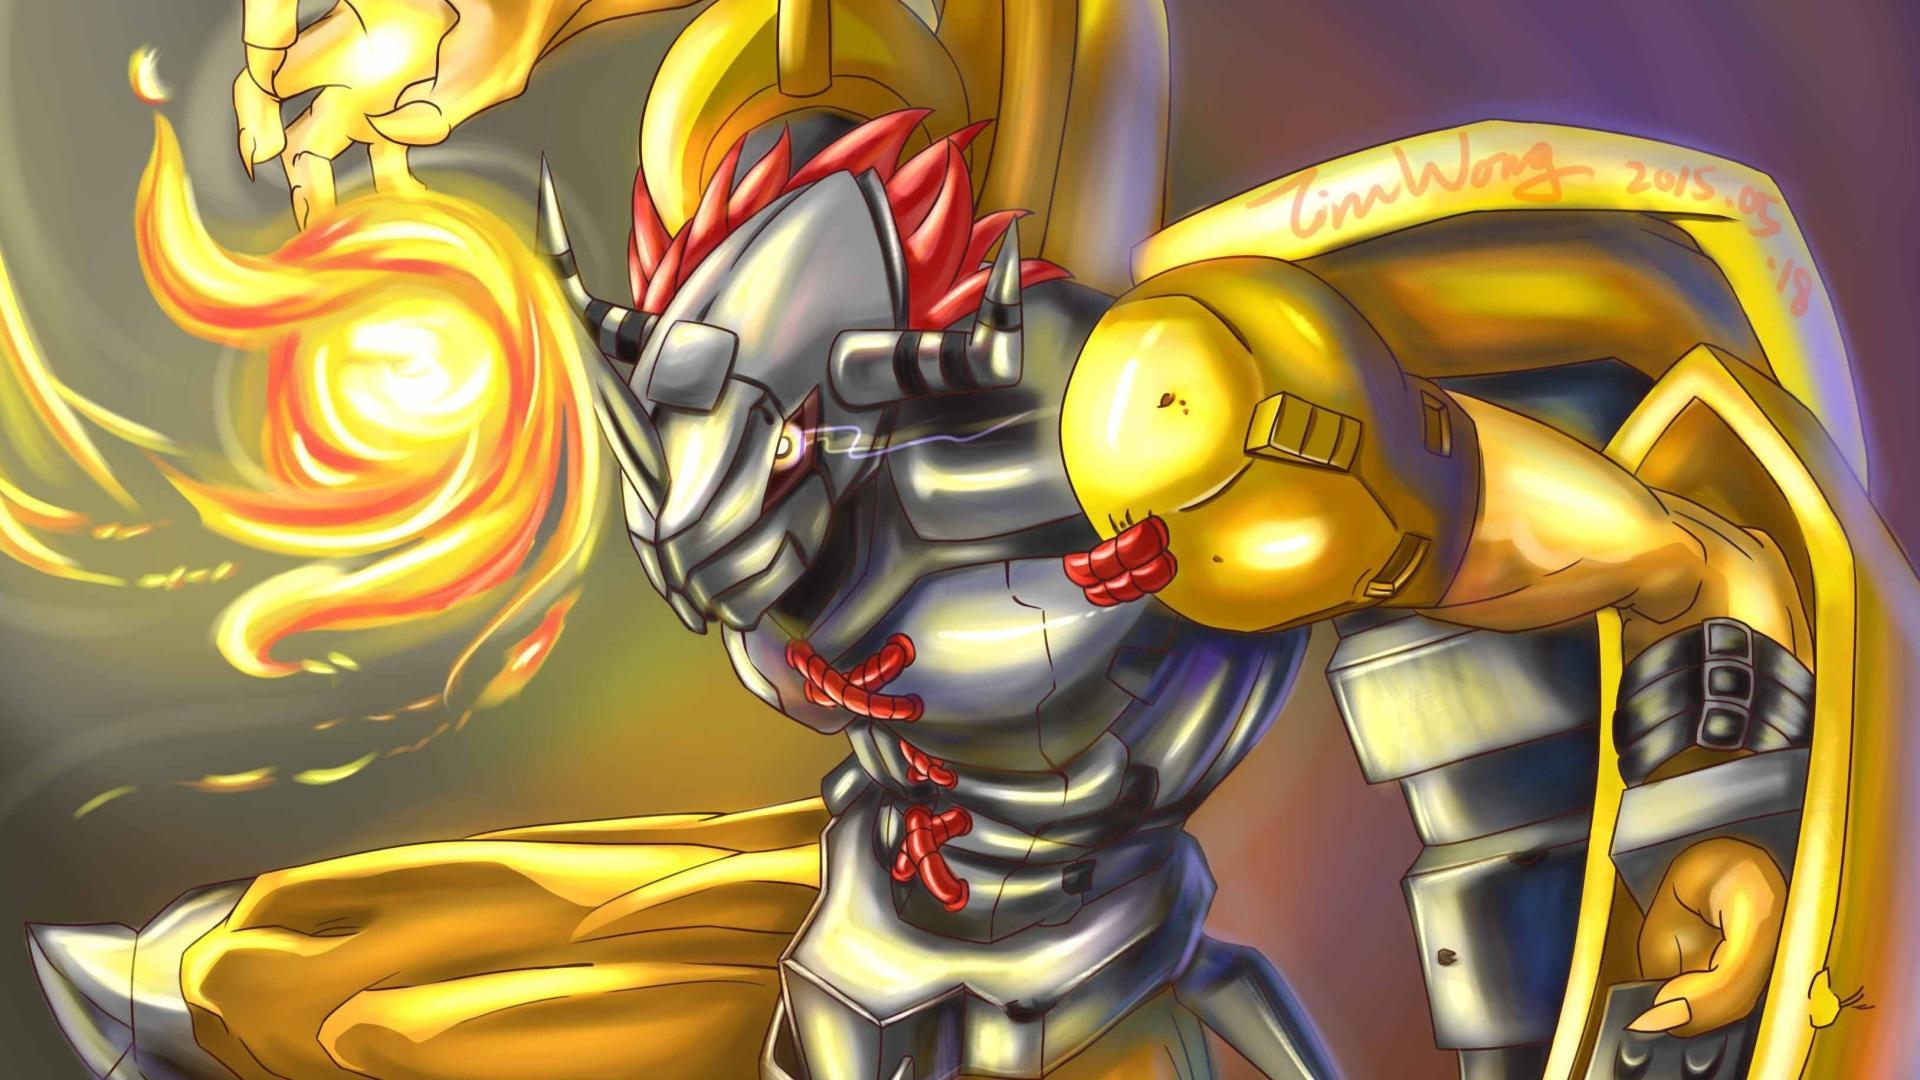 """数码宝贝: 战斗暴龙兽是""""恐龙克星"""",钢铁加鲁鲁却沦为""""钢铁哈士奇"""",这公平吗"""